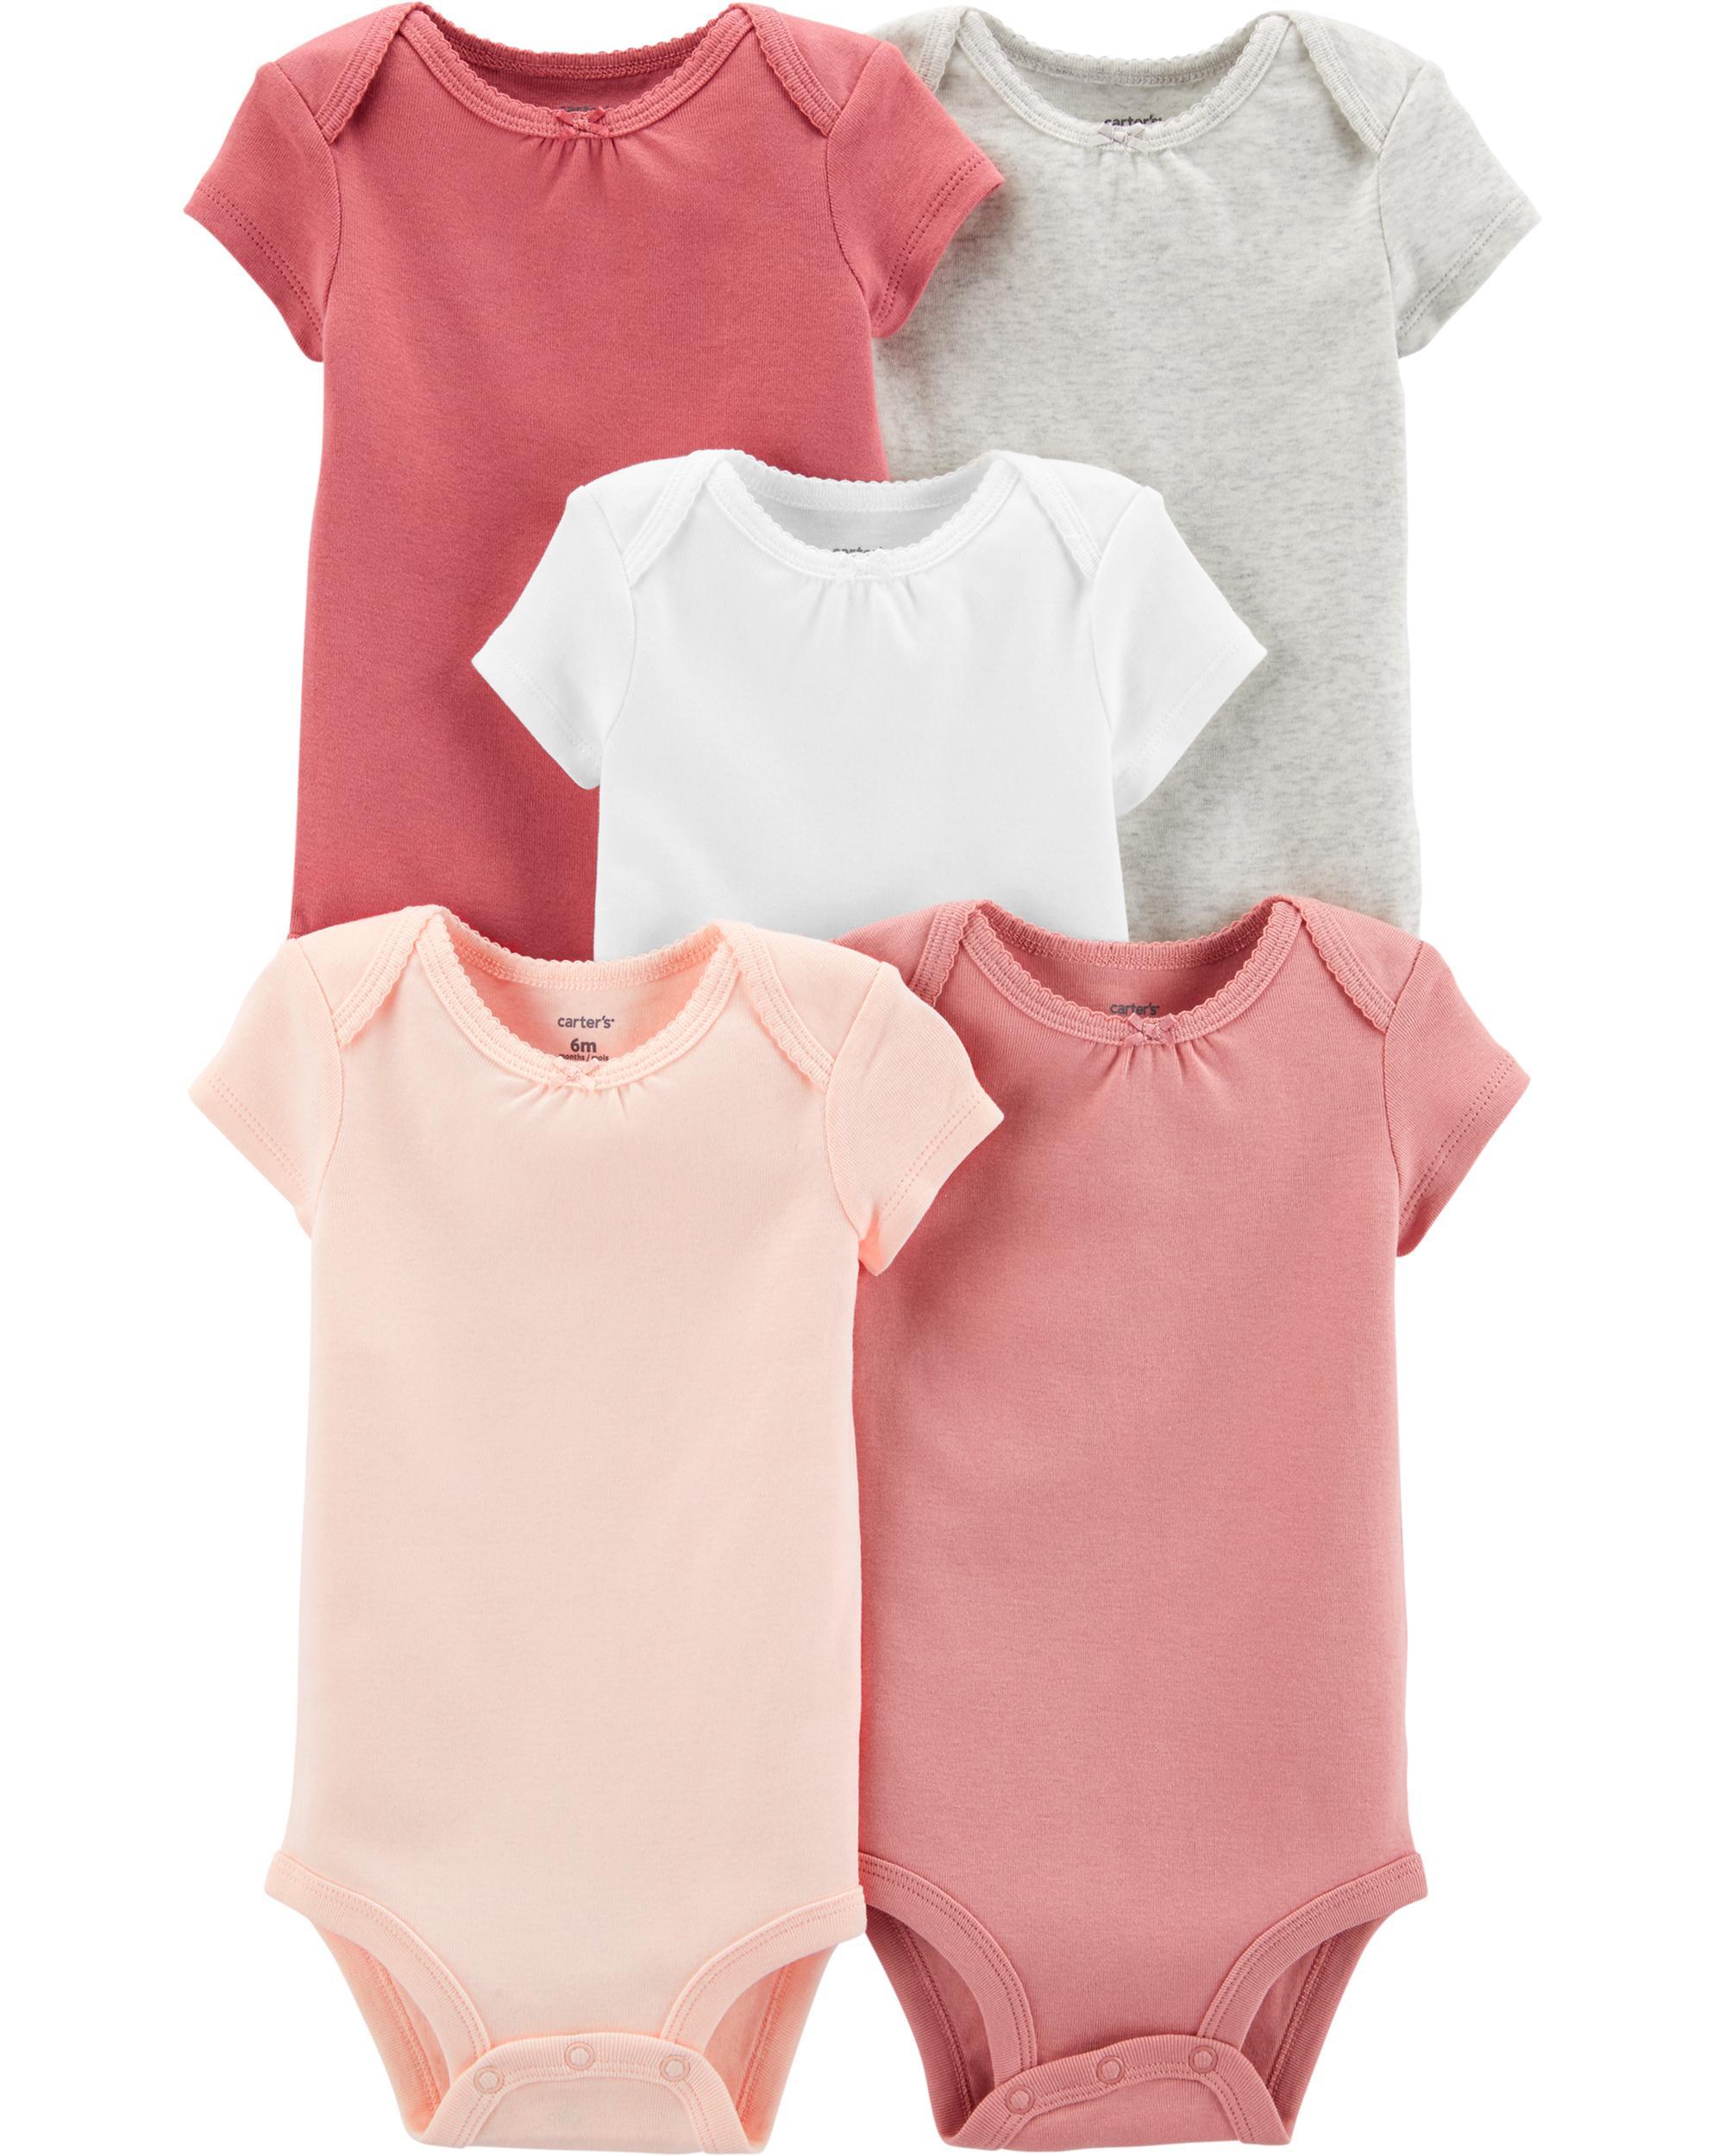 Baby B/'gosh Bodysuits Short Sleeve New Oshkosh Baby Girl Bodysuits Carters